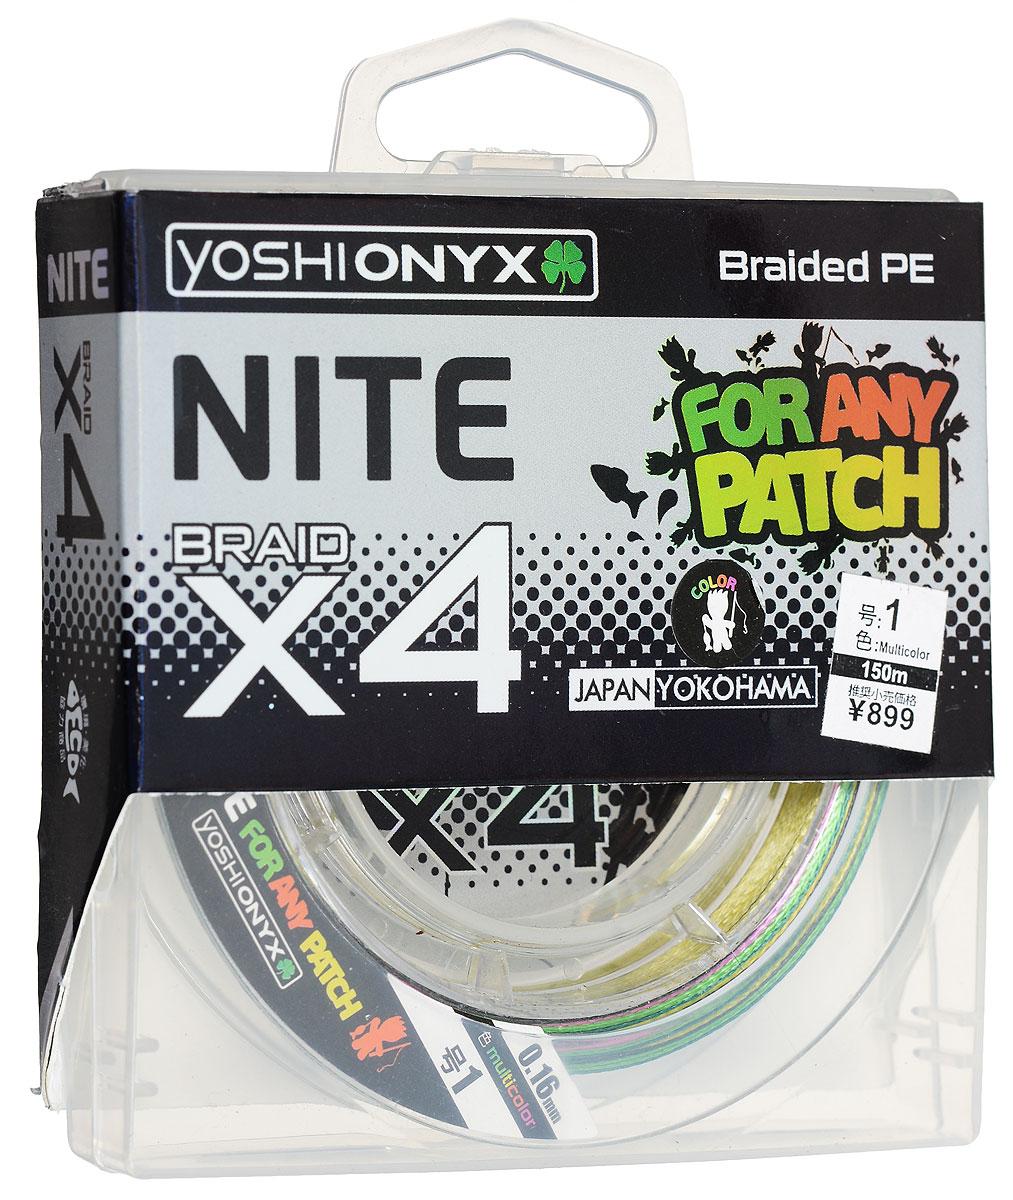 Леска плетеная Yoshi Onyx NITE Braid X4, цвет: зеленый, розовый, желтый, 150 м, 0,16 мм, 11,4 кг95437Леска плетеная Yoshi Onyx NITE Braid X4, свитая из четырех прядей высокомодульного полиэтилена, обладает исключительными свойствами. Современное высокотехнологическое оборудование позволяет, используя новейшие волокна, плести плотные, нерастяжимые, устойчивые к истиранию и надежные шнуры. Леска свежего зеленого цвета предназначена для ловли на различные искусственные приманки, она обладает нулевой растяжимостью и феноменальной чувствительностью к любым, даже самым аккуратным прикосновениям к приманке. Эта серия многофункциональных плетенок создана специально для жесткого форсированного вываживания трофейных экземпляров в сложных суровых условиях. Леска дружелюбна к катушкам любой конструкции и, несомненно, понравится брутальным рыболовам, сторонникам ловли на крупные упористые приманки.